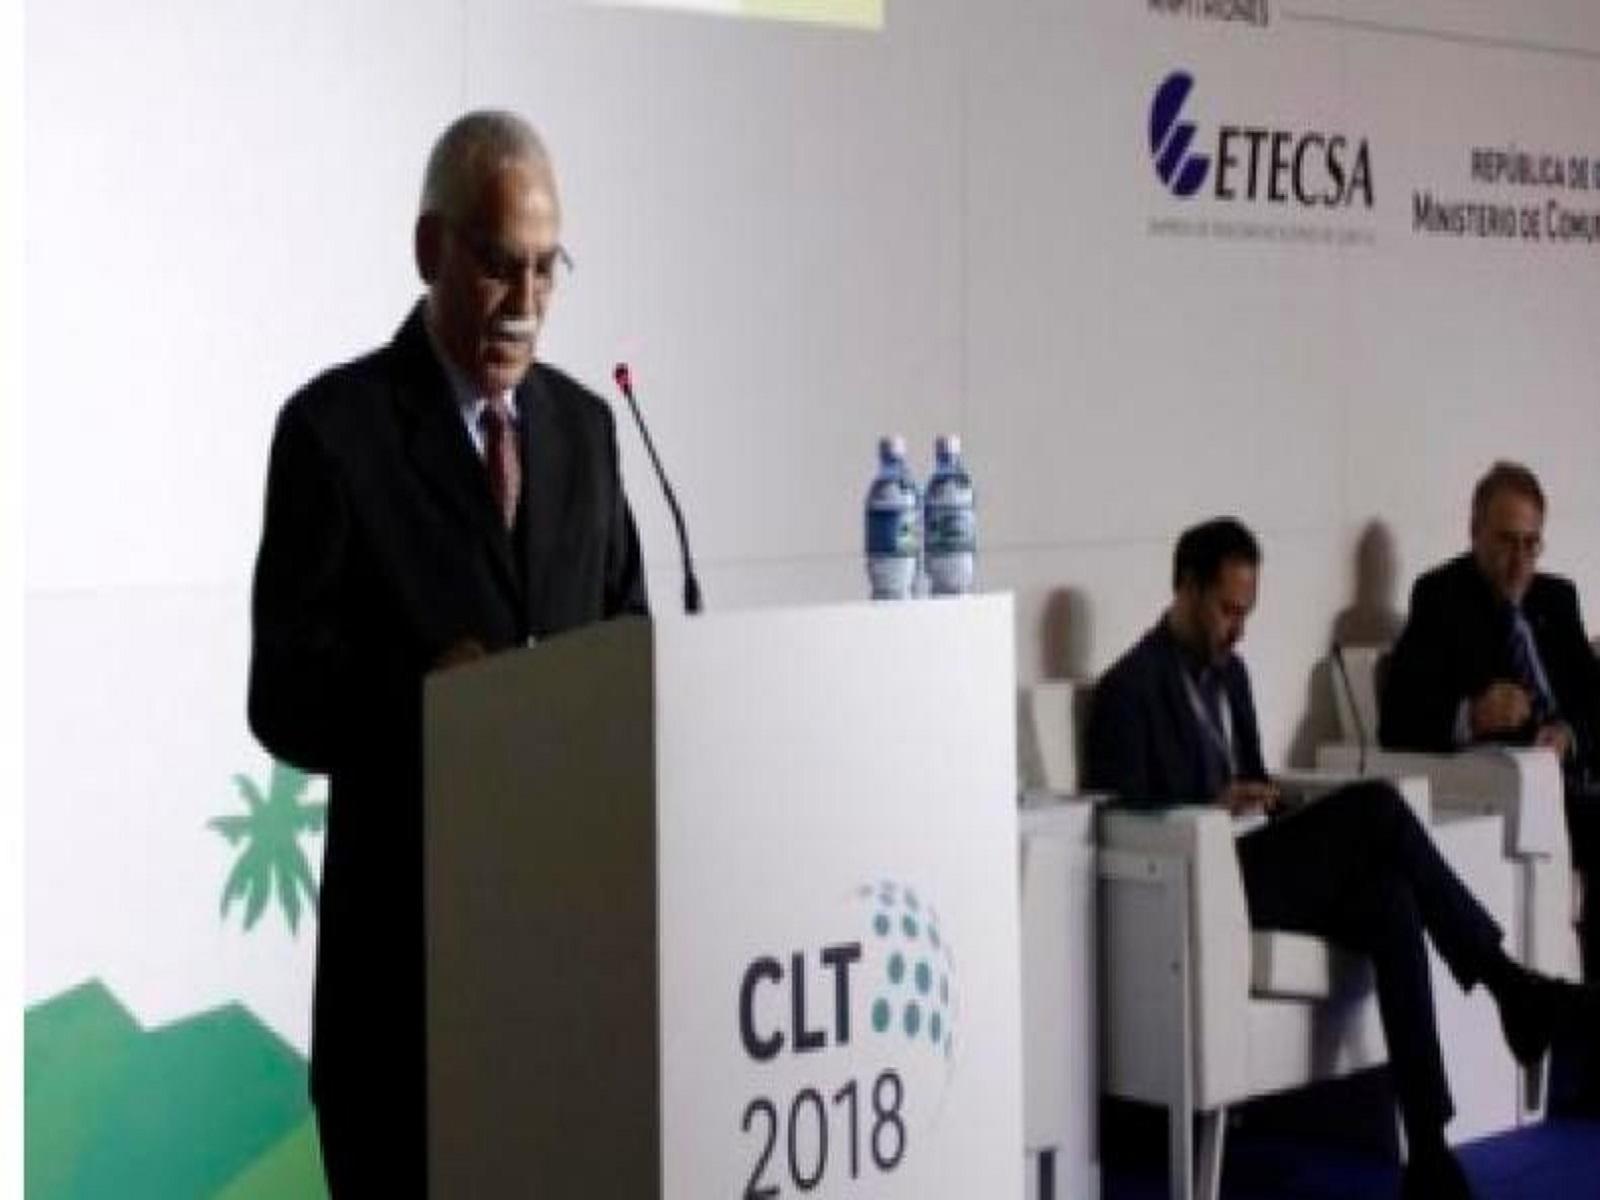 Intervención de Maimir Mesa Ramos (I), Ministro de Comunicaciones, en el Sexto Congreso Latinoamericano de Telecomunicaciones (CLT 2018, en el Hotel Meliá Marina Varadero, en Matanzas, Cuba, el 12 de junio de 2018. ACN FOTO/ Ariel LEY ROYERO